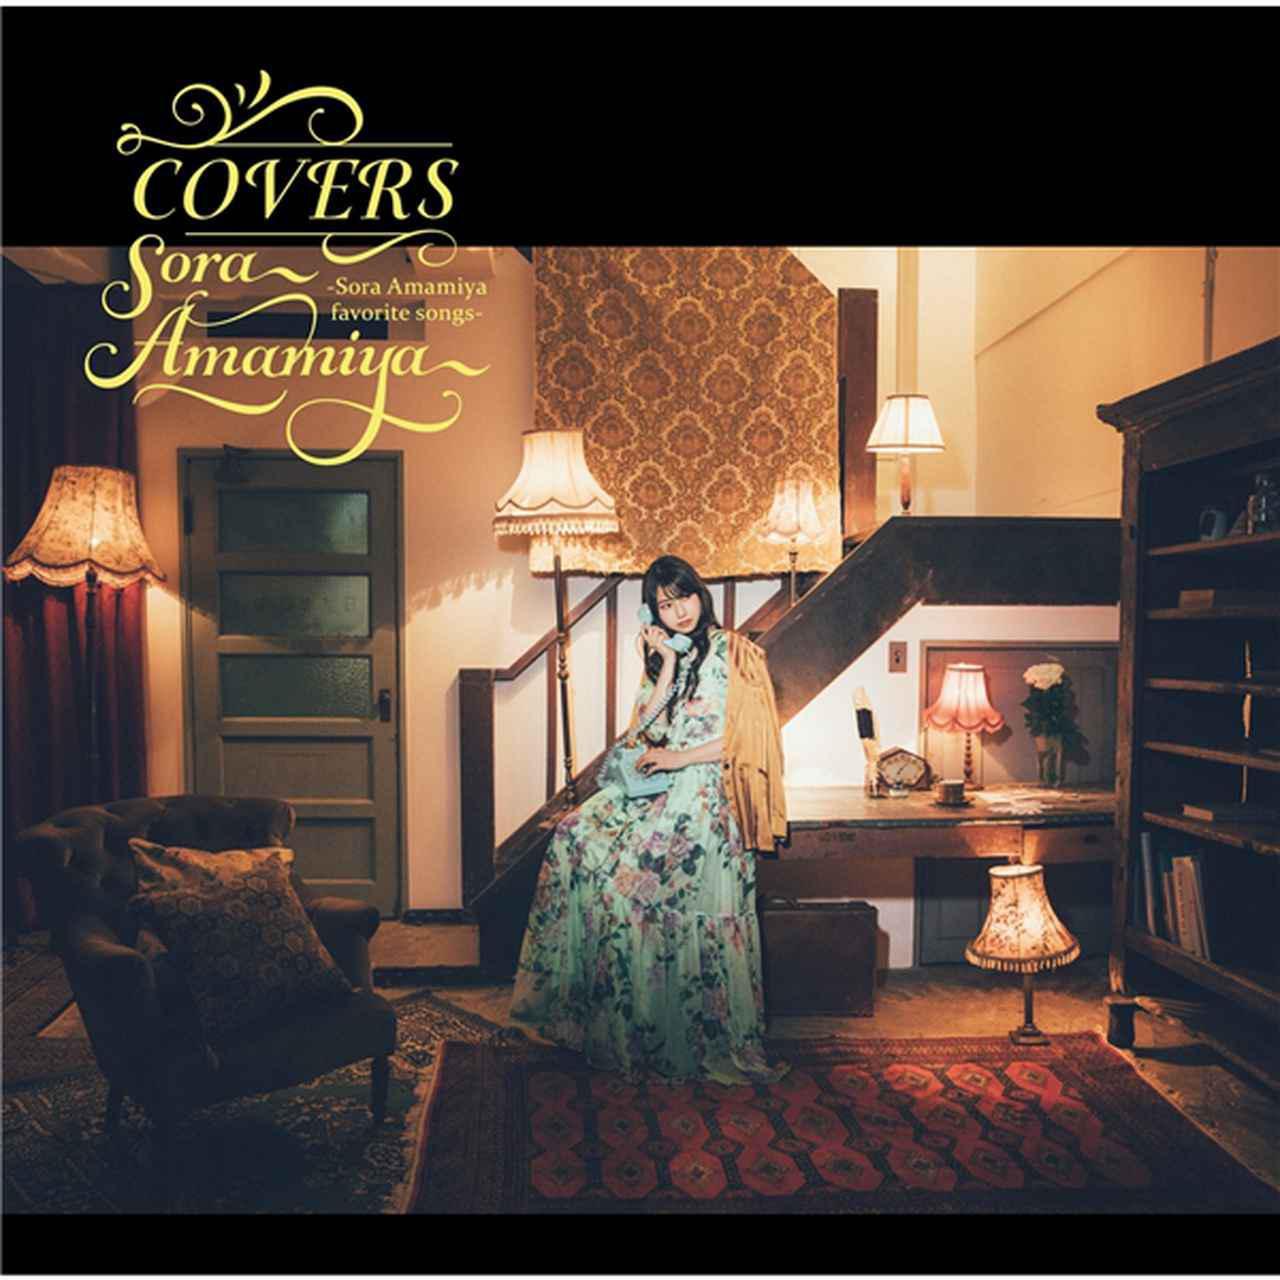 画像: COVERS -Sora Amamiya favorite songs- / 雨宮天